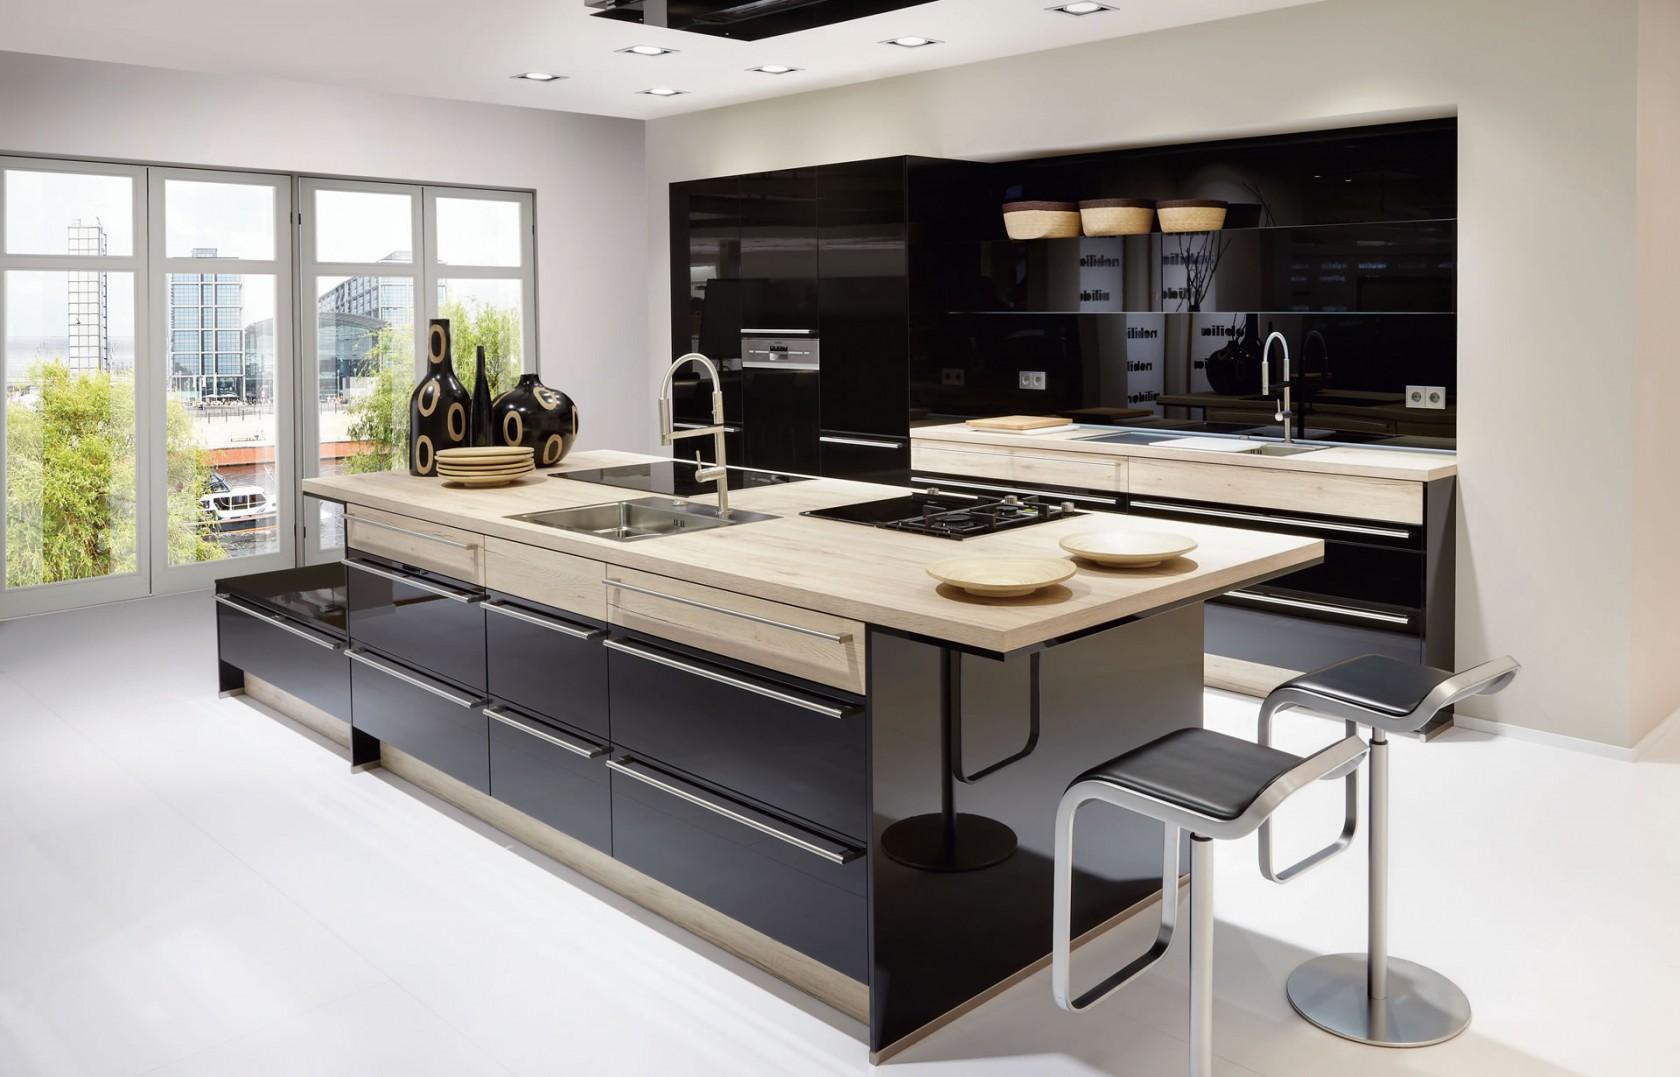 stühle, tische, teller, dunkle küche, küchen lingen, fenster, marmor